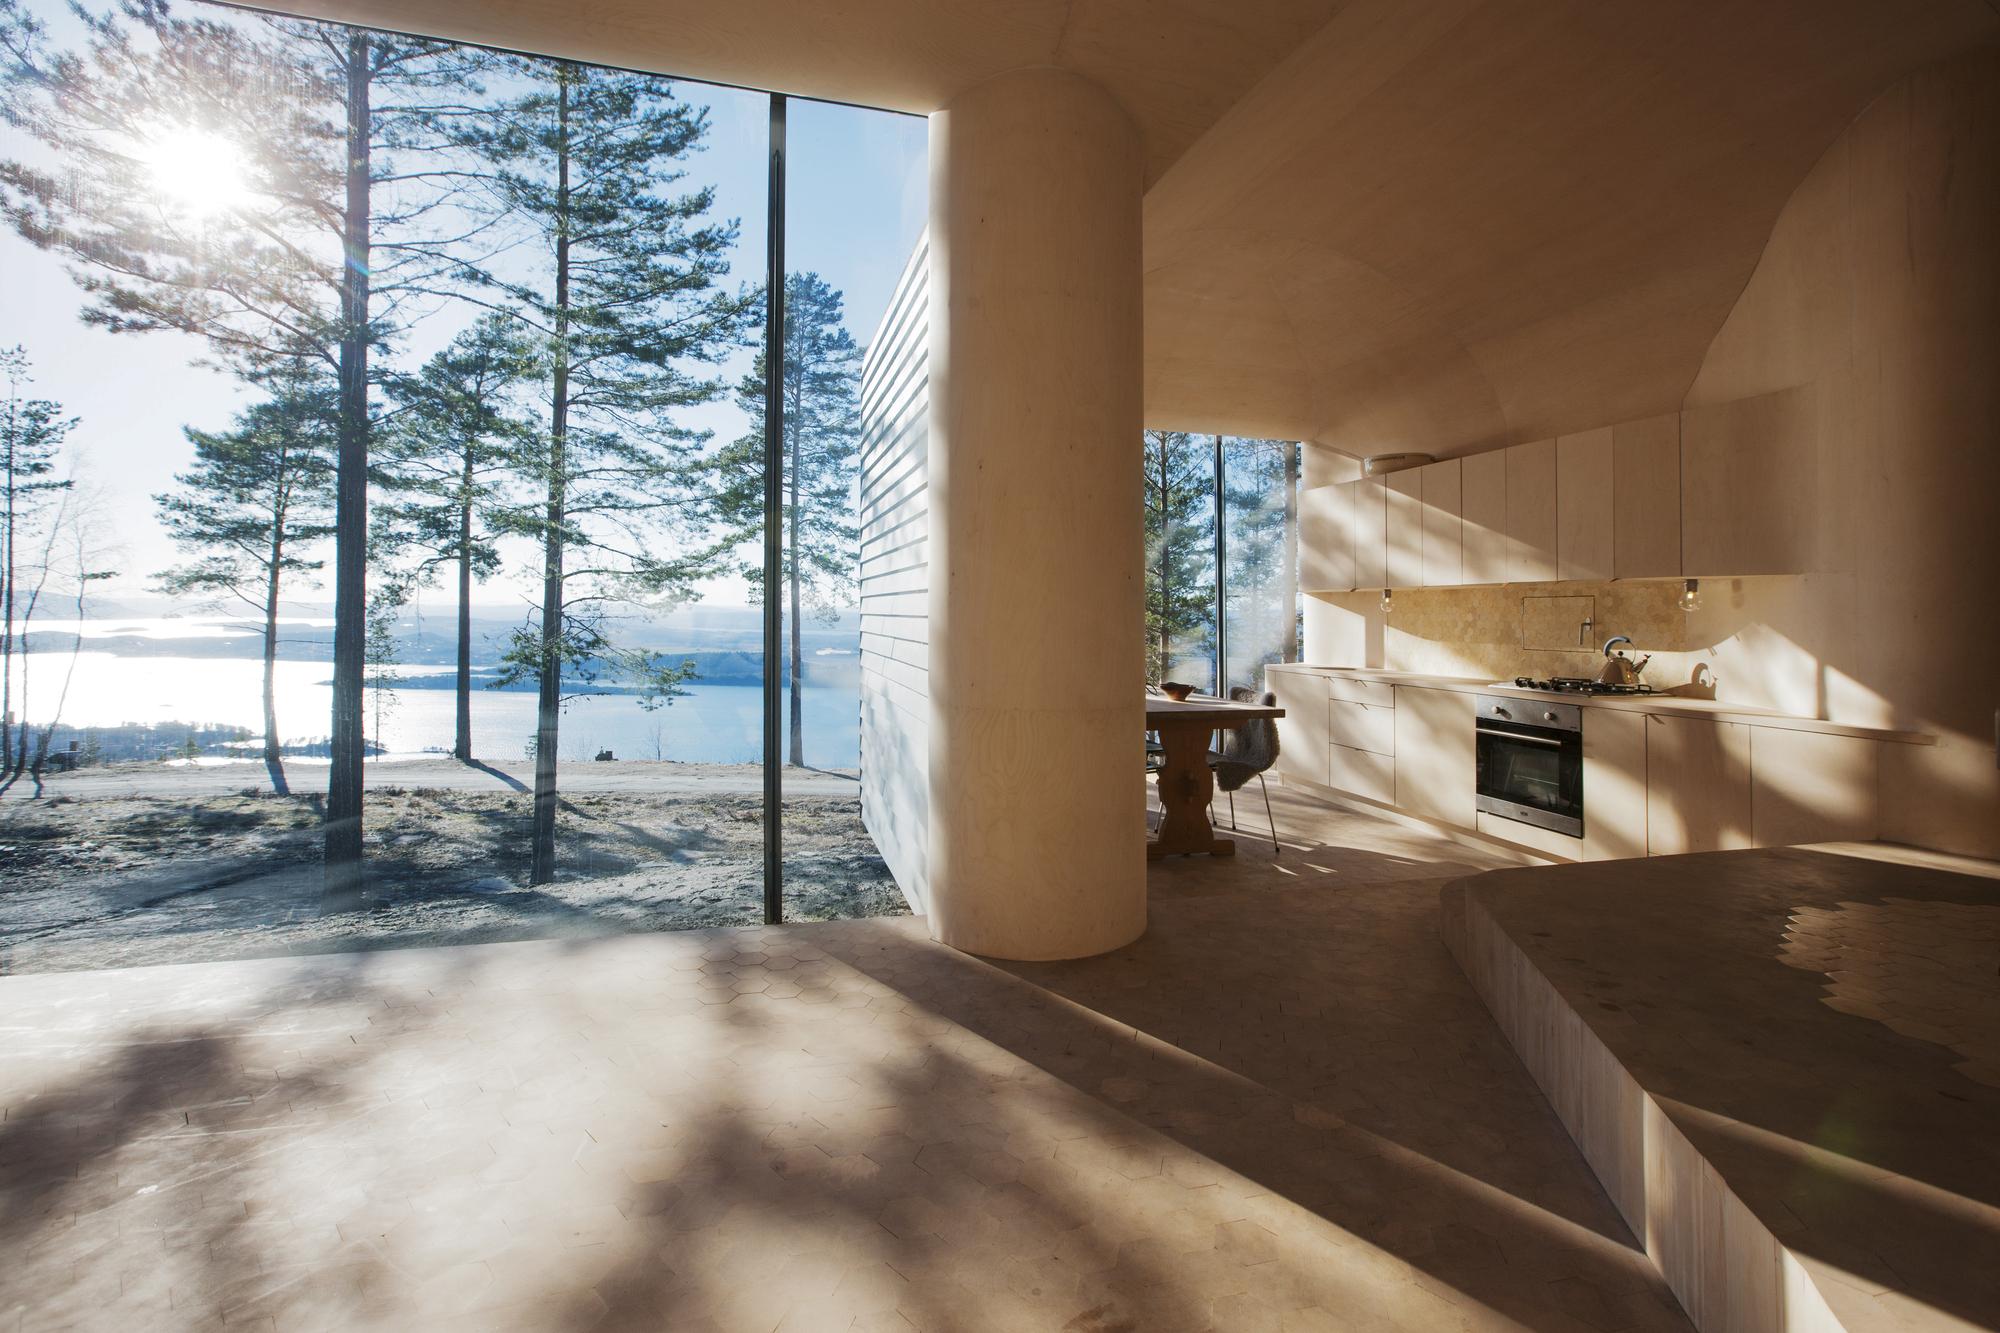 548a4092e58ecec43700005a_cabin-norderhov-atelier-oslo_norderhov_4